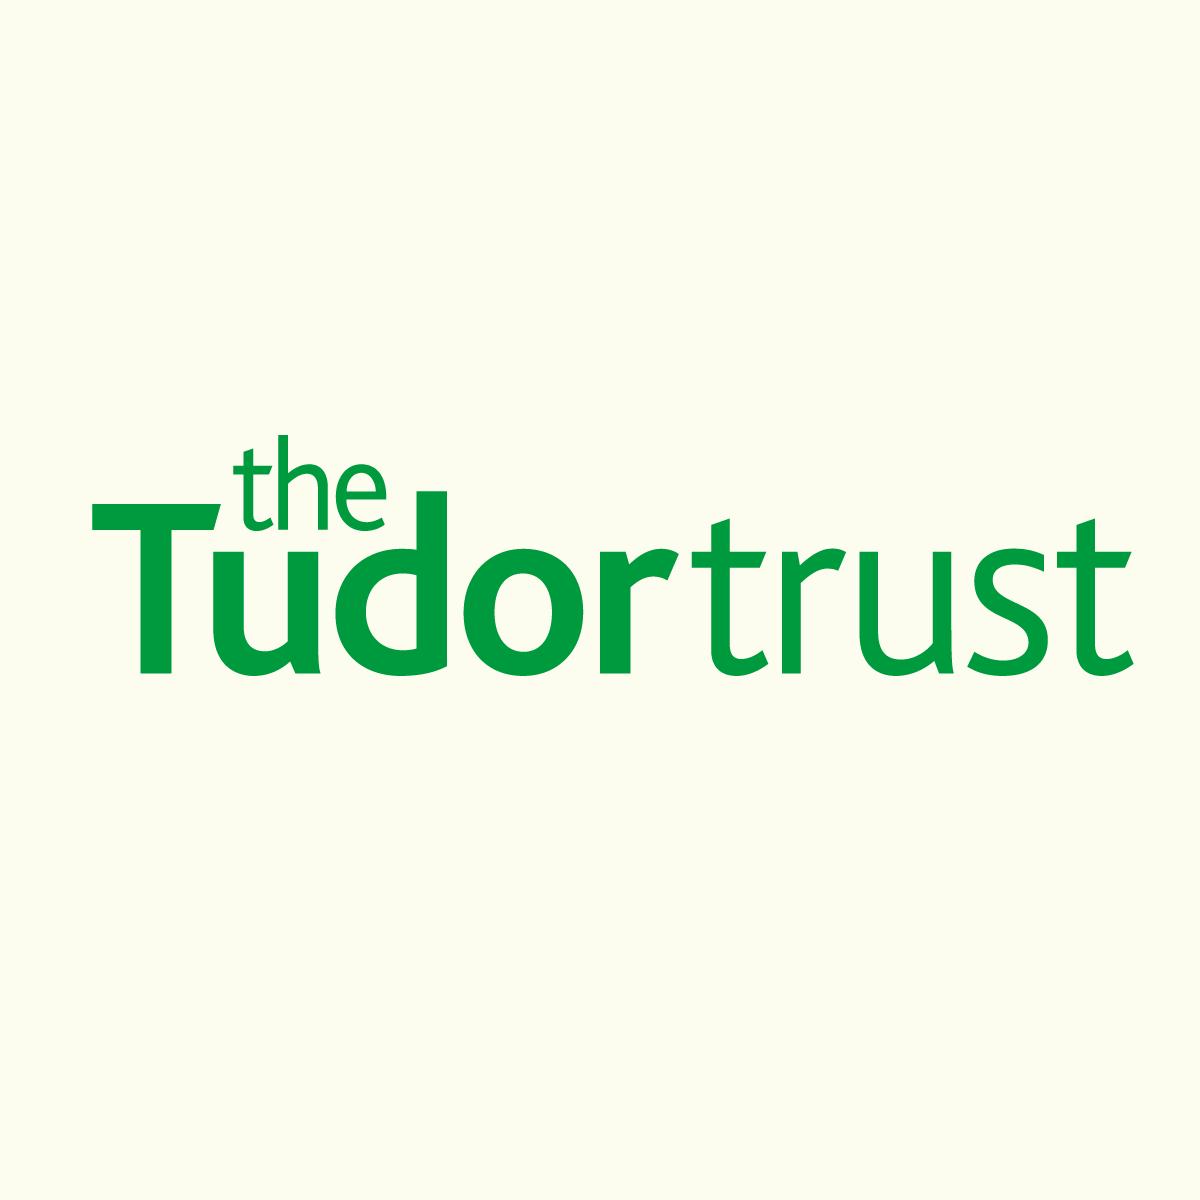 the-tudor-trust-sq1